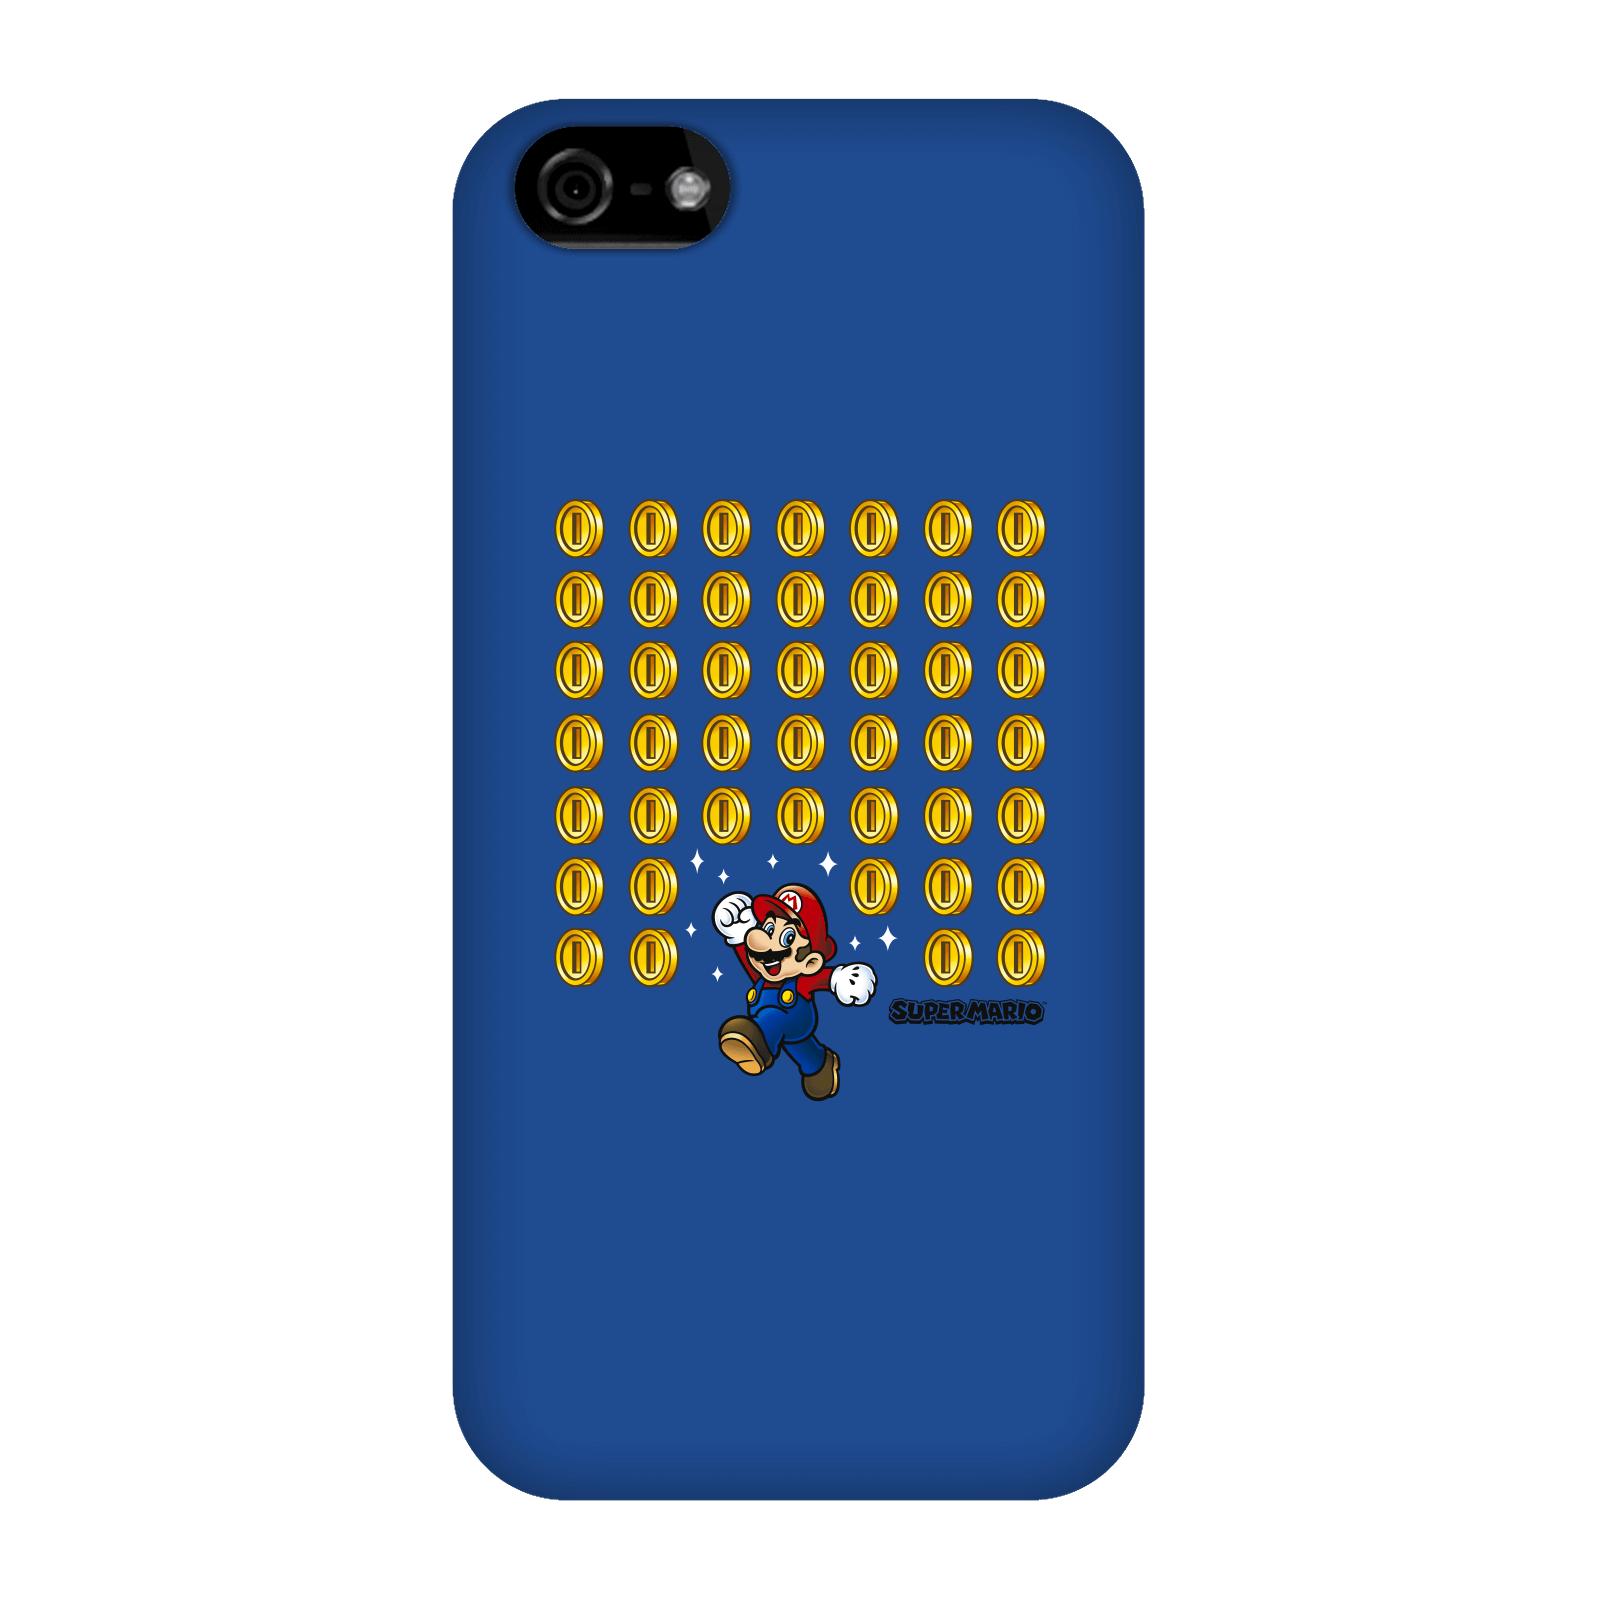 Nintendo Super Mario Coin Drop Phone Case - iPhone 5C - Snap Case - Gloss